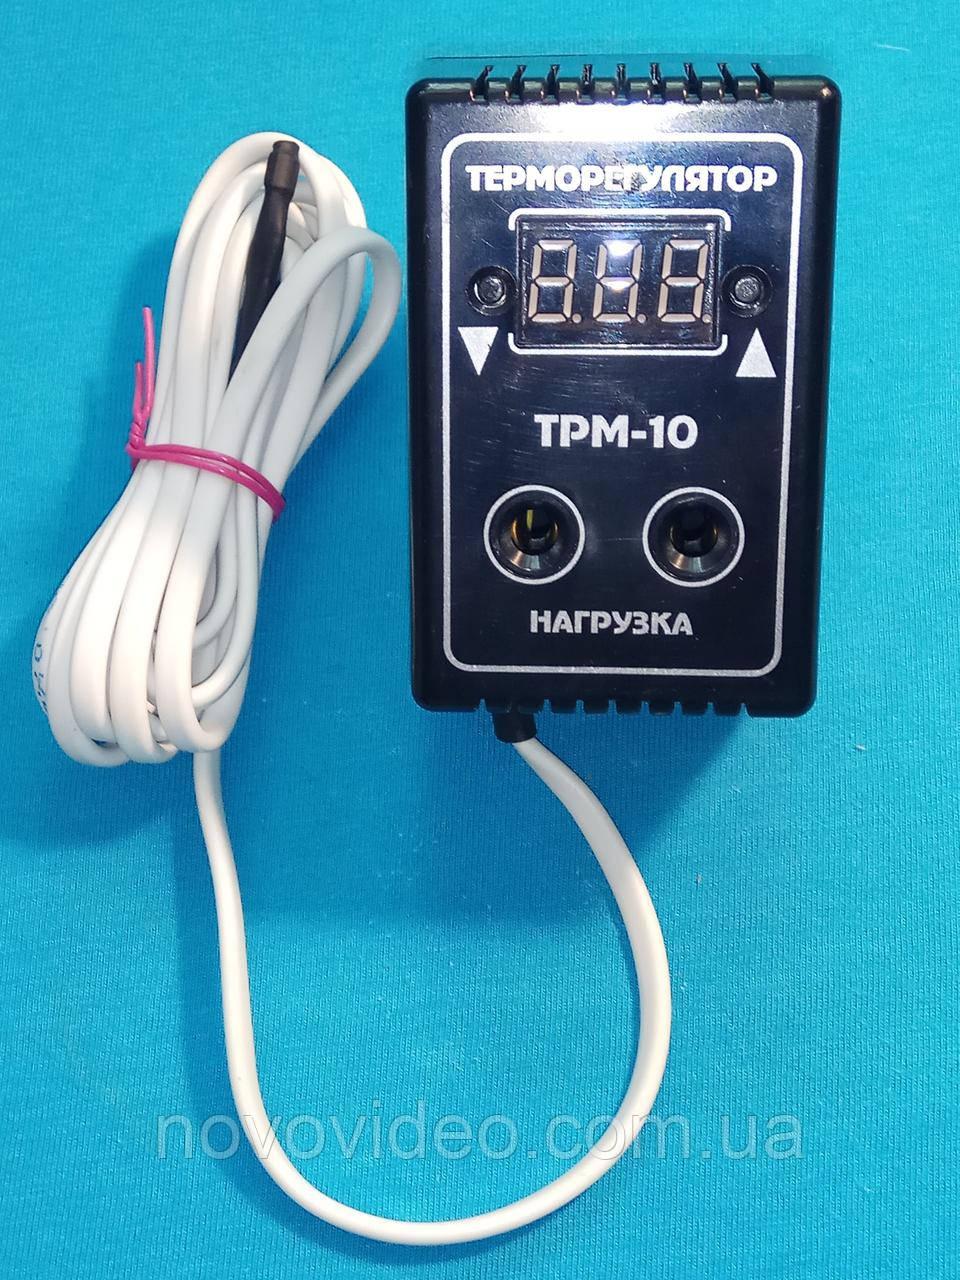 Терморегулятор цифровой в розетку ТРМ-10